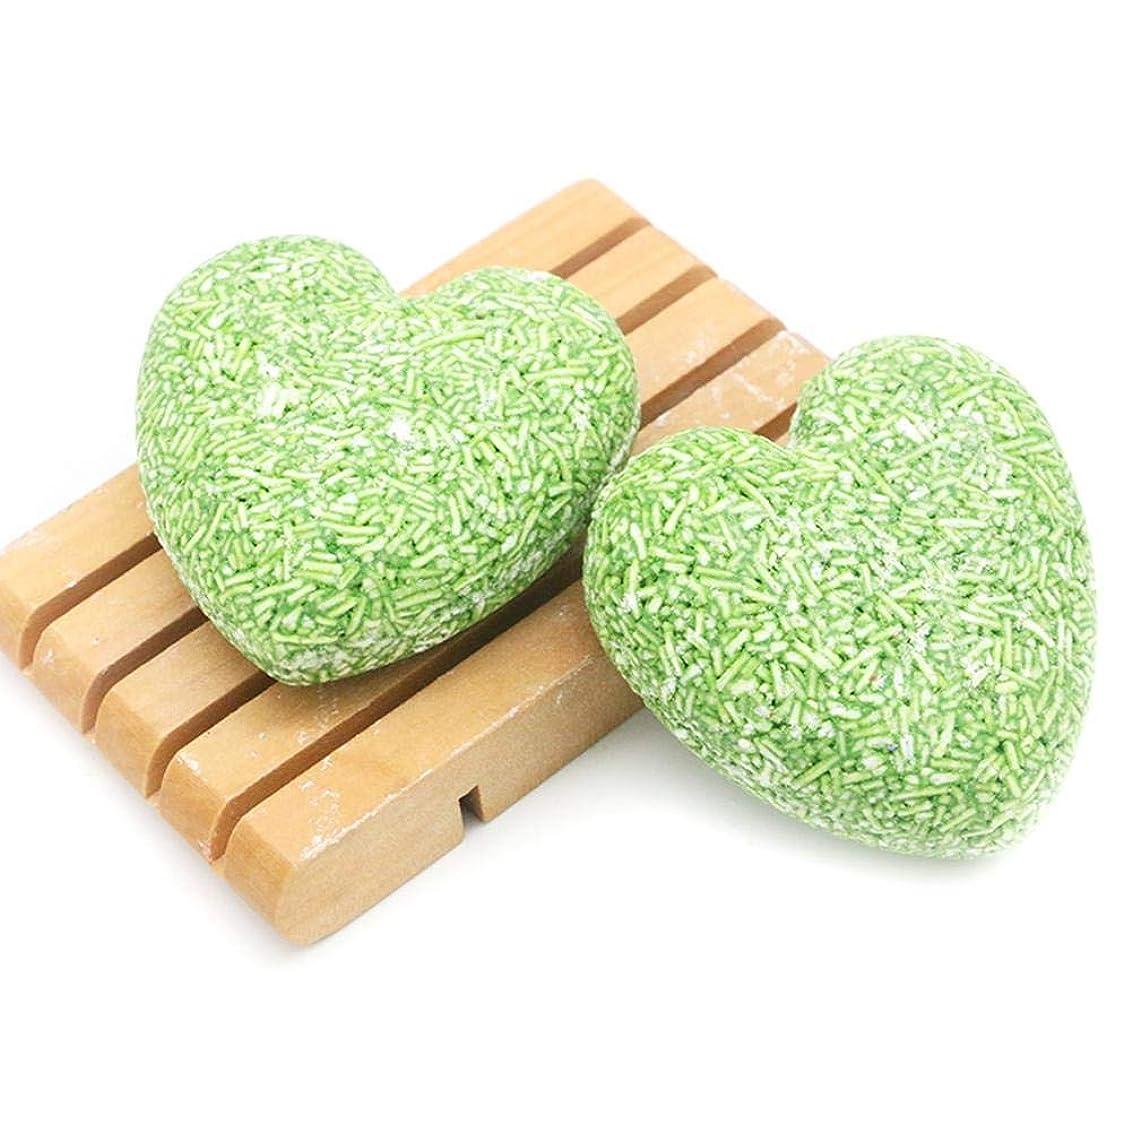 介入するお金ゴムドール石鹸、環境に優しい固形シャンプー、ナチュラルさわやかなオイルコントロールソープ